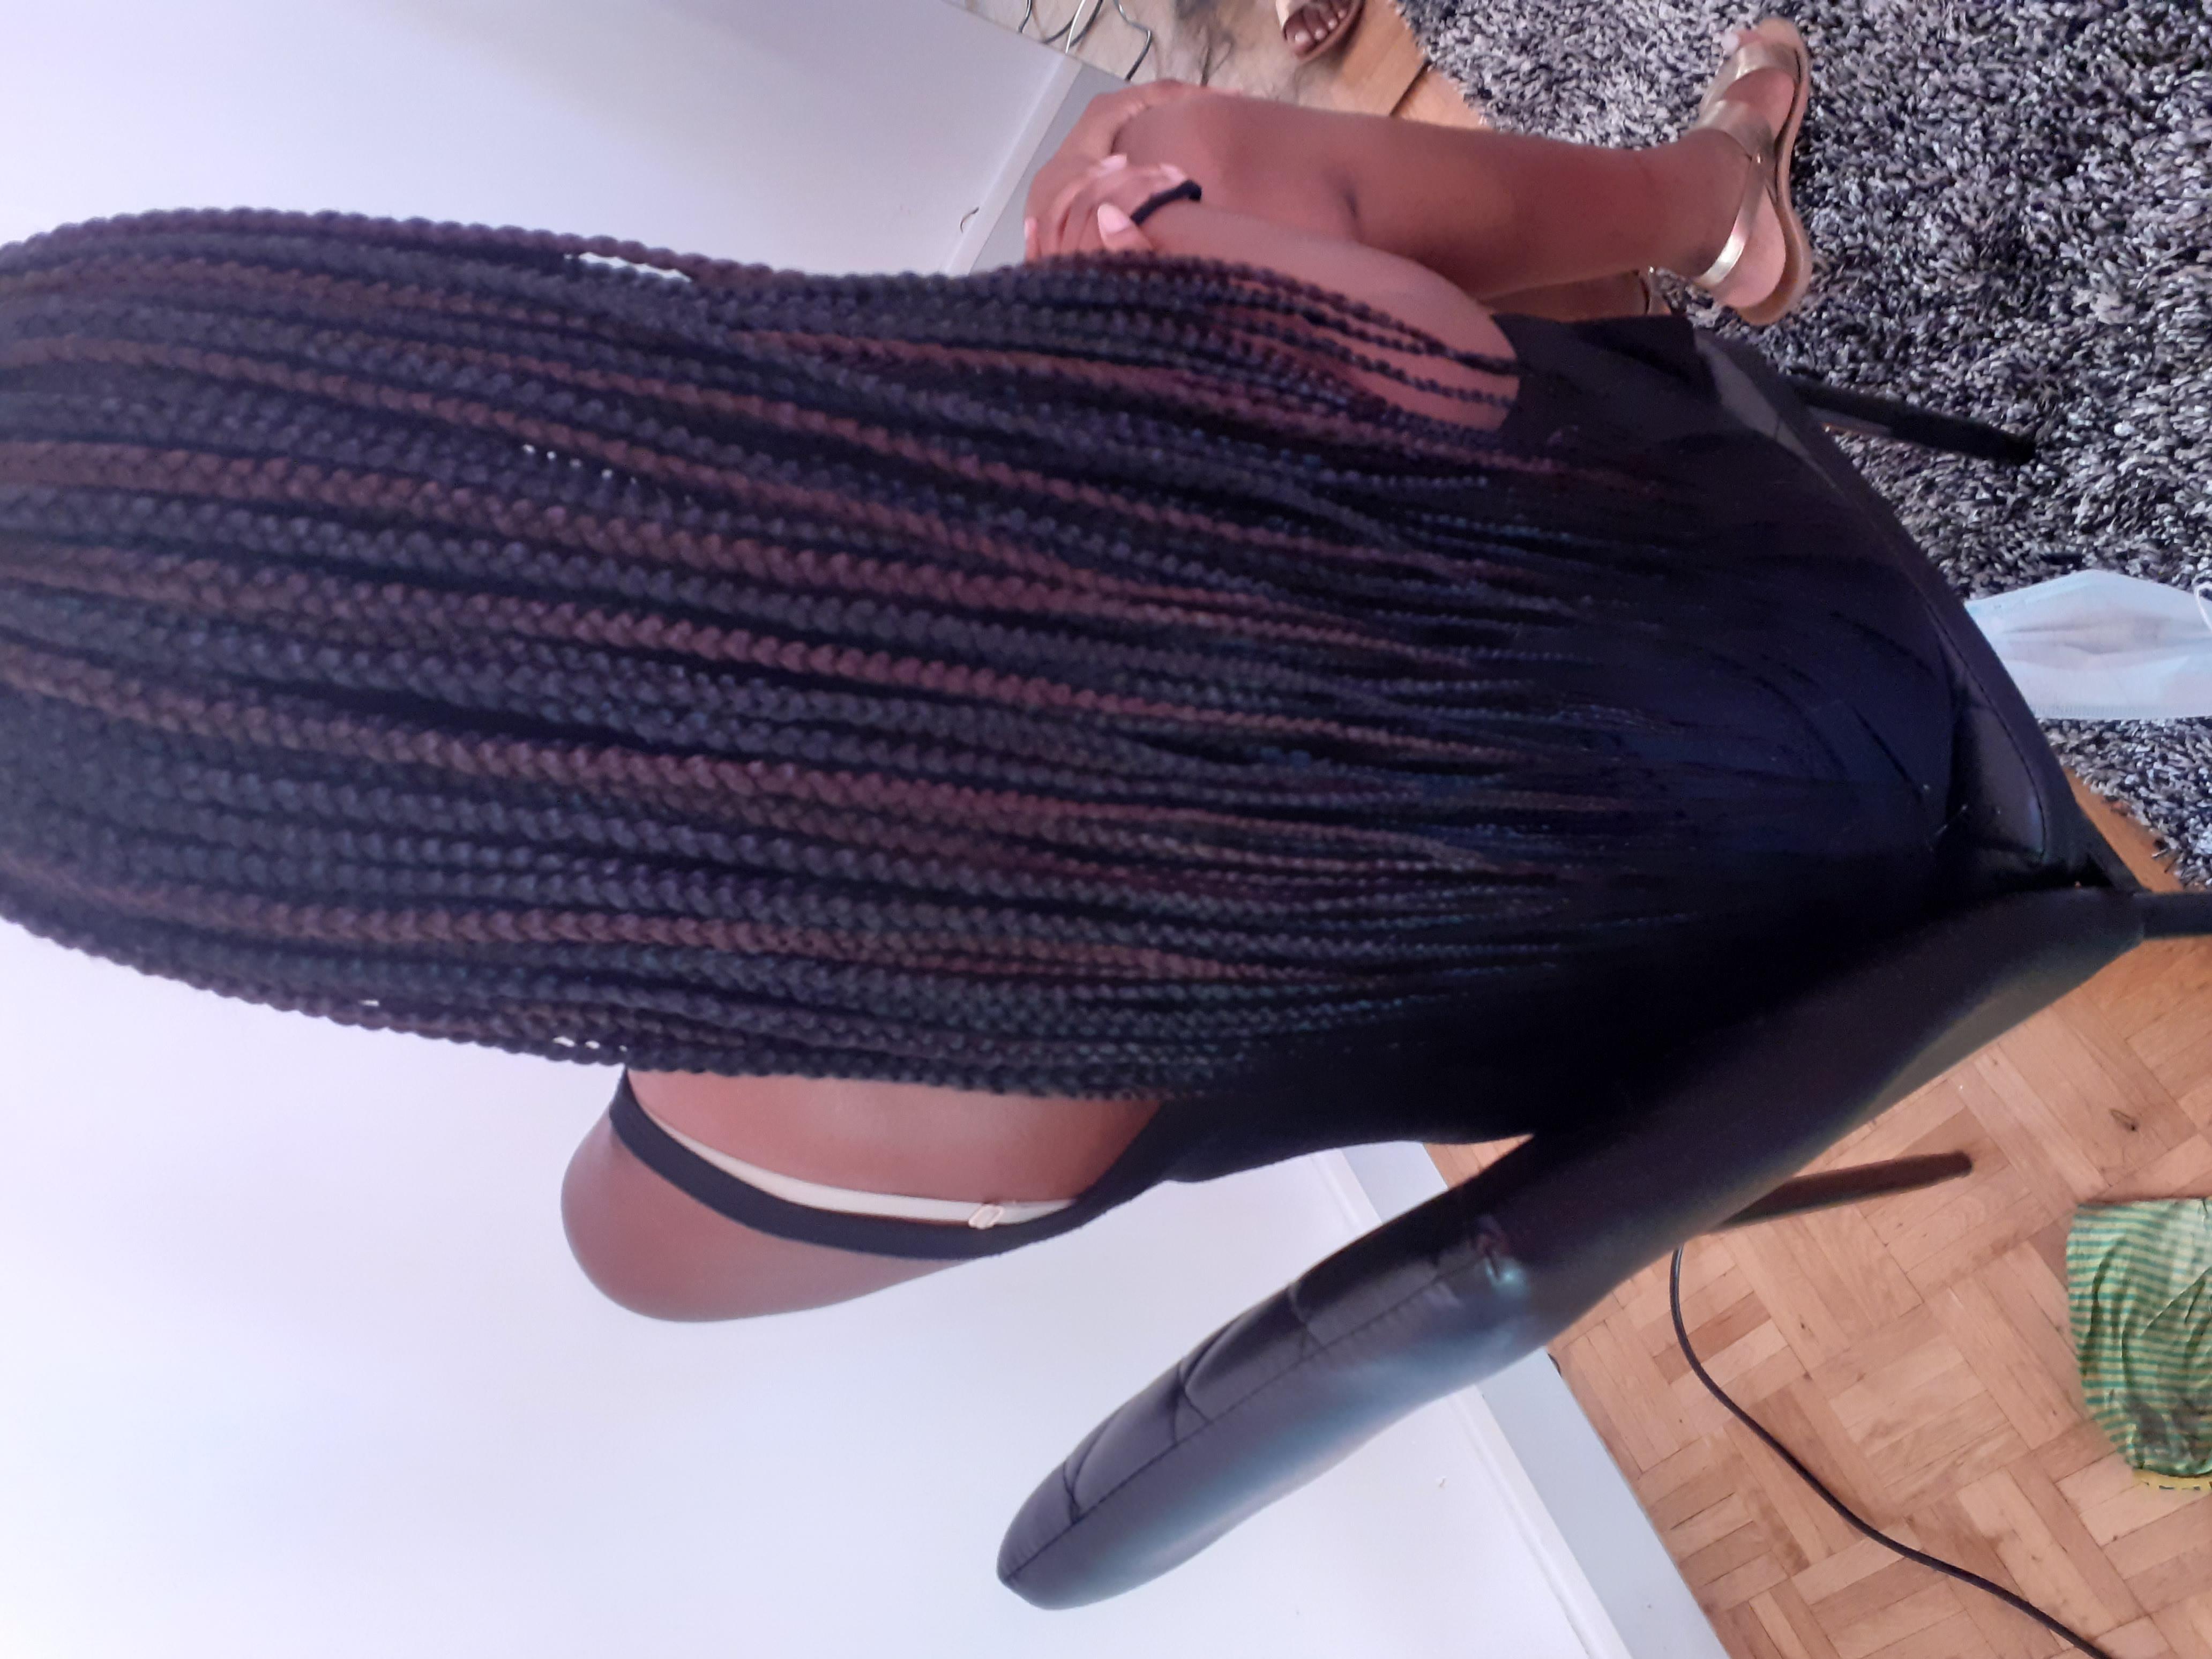 salon de coiffure afro tresse tresses box braids crochet braids vanilles tissages paris 75 77 78 91 92 93 94 95 LBXZALRV